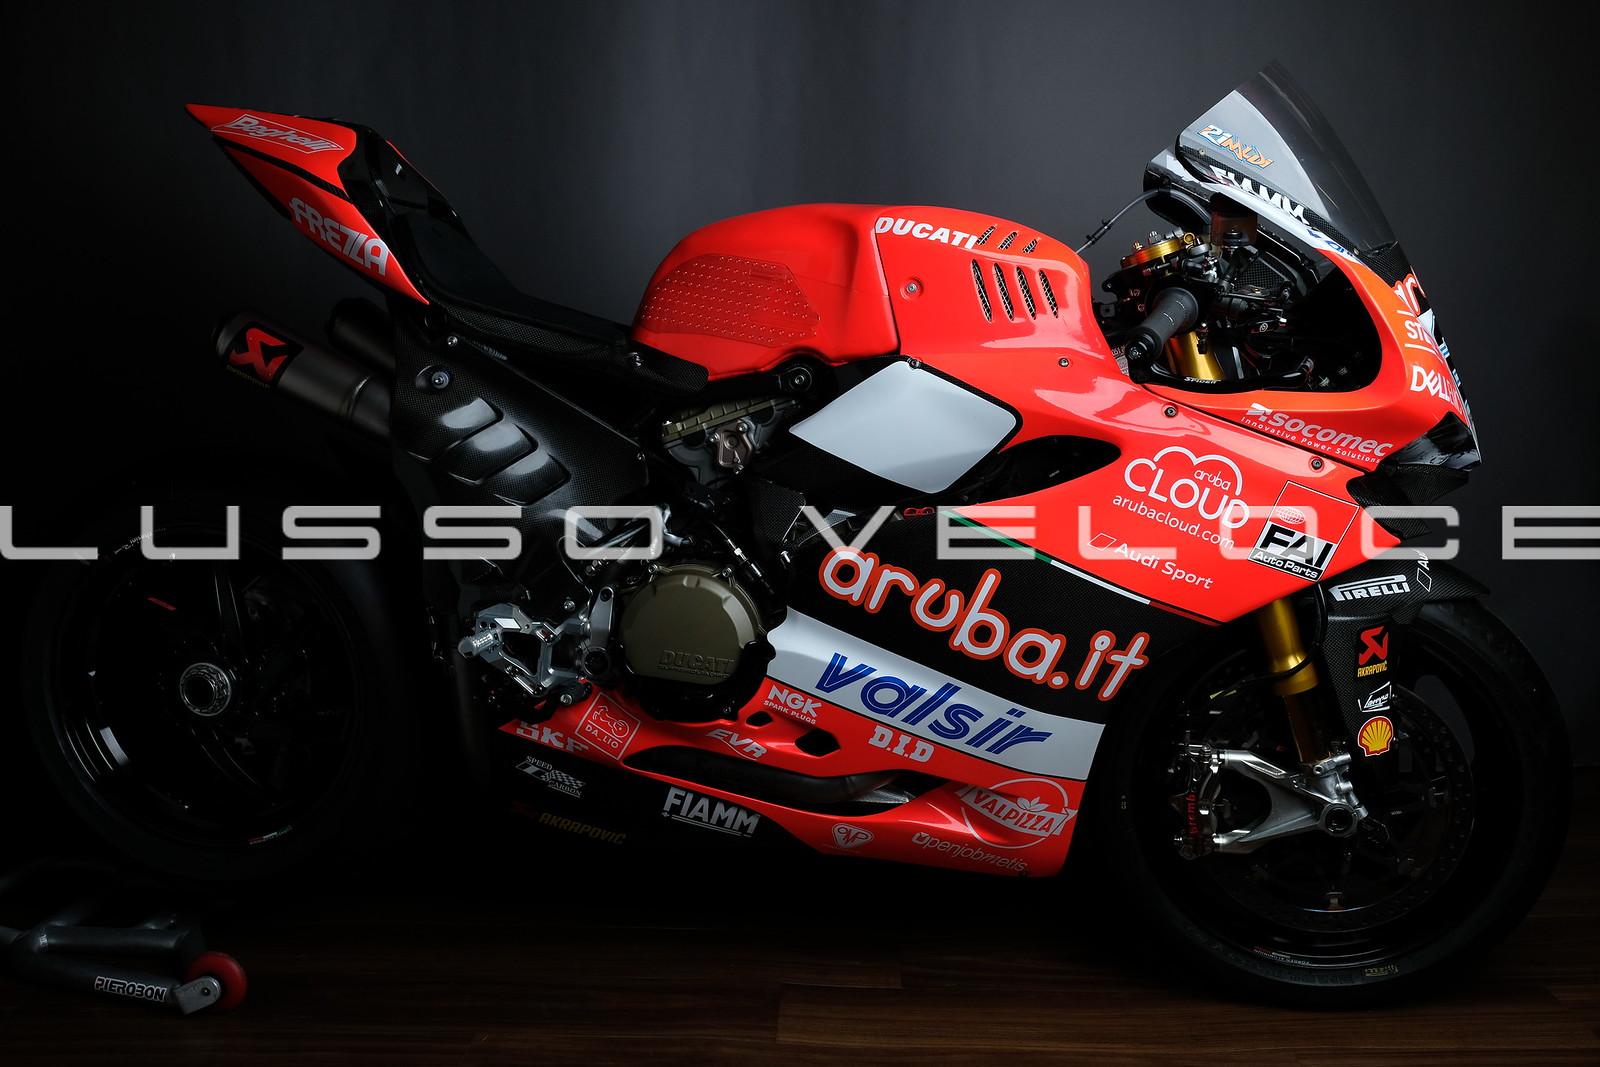 Ducati F18 Rinaldi WSBK